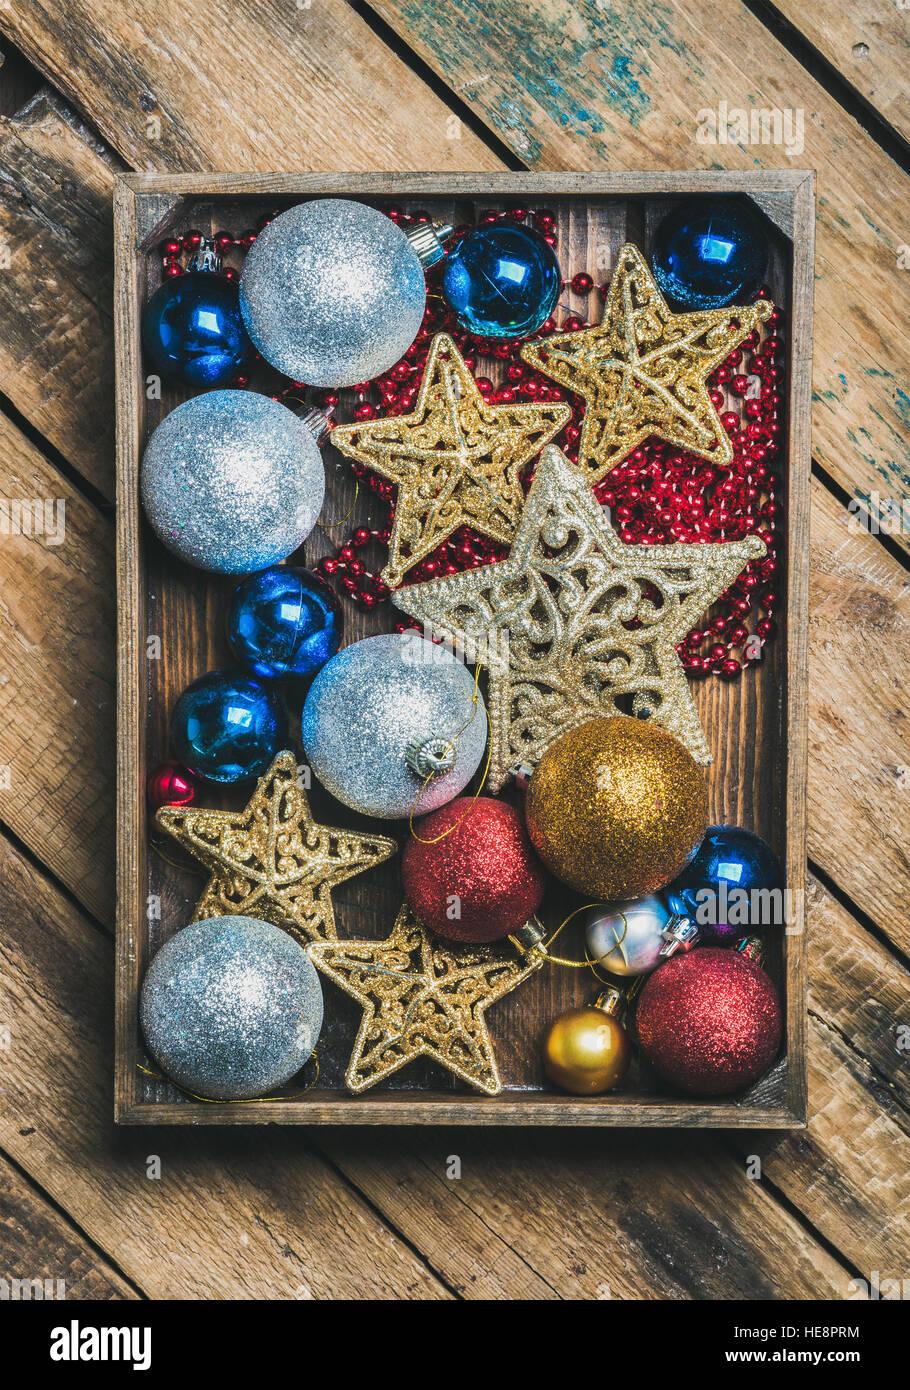 Weihnachtsbaum Spielzeug Sterne, Kugeln und Garland in Holzkiste Stockbild